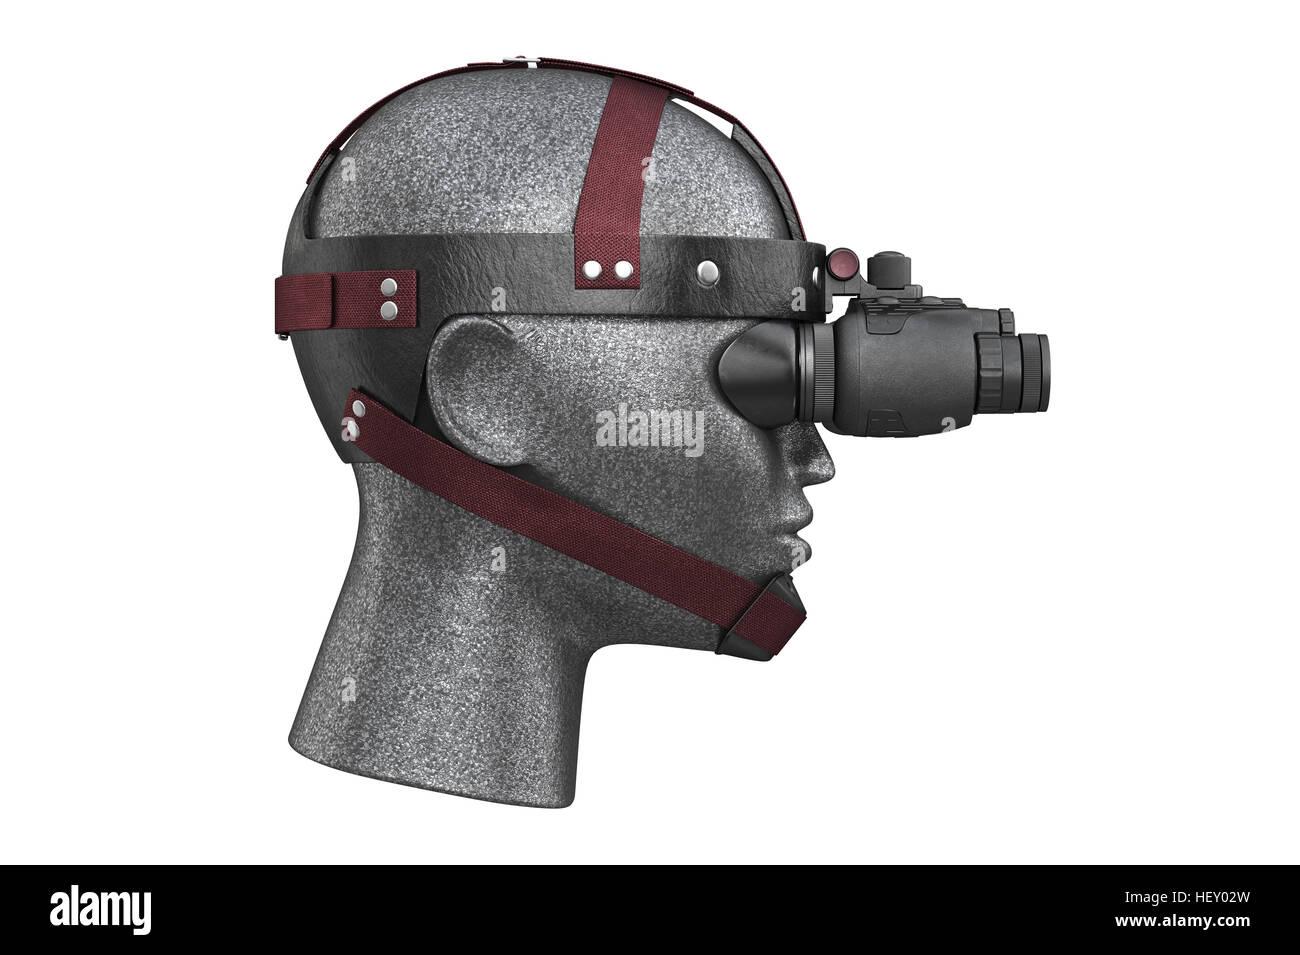 Militärischen kampf nachtsichtgeräte seitenansicht. 3d rendering